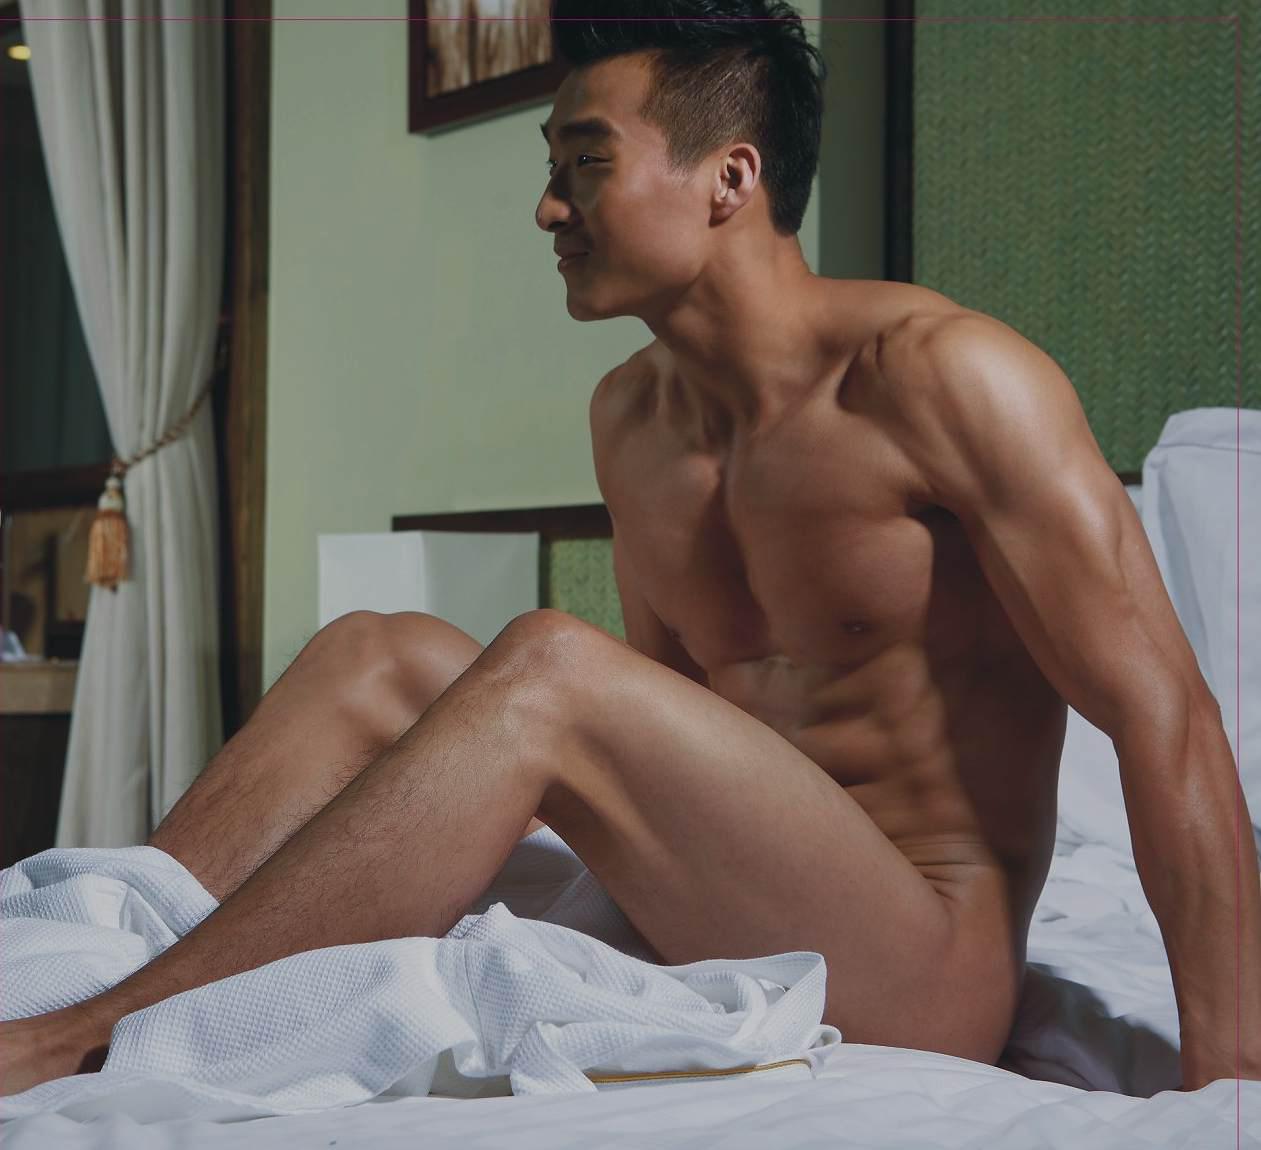 Sridevi sex videos come